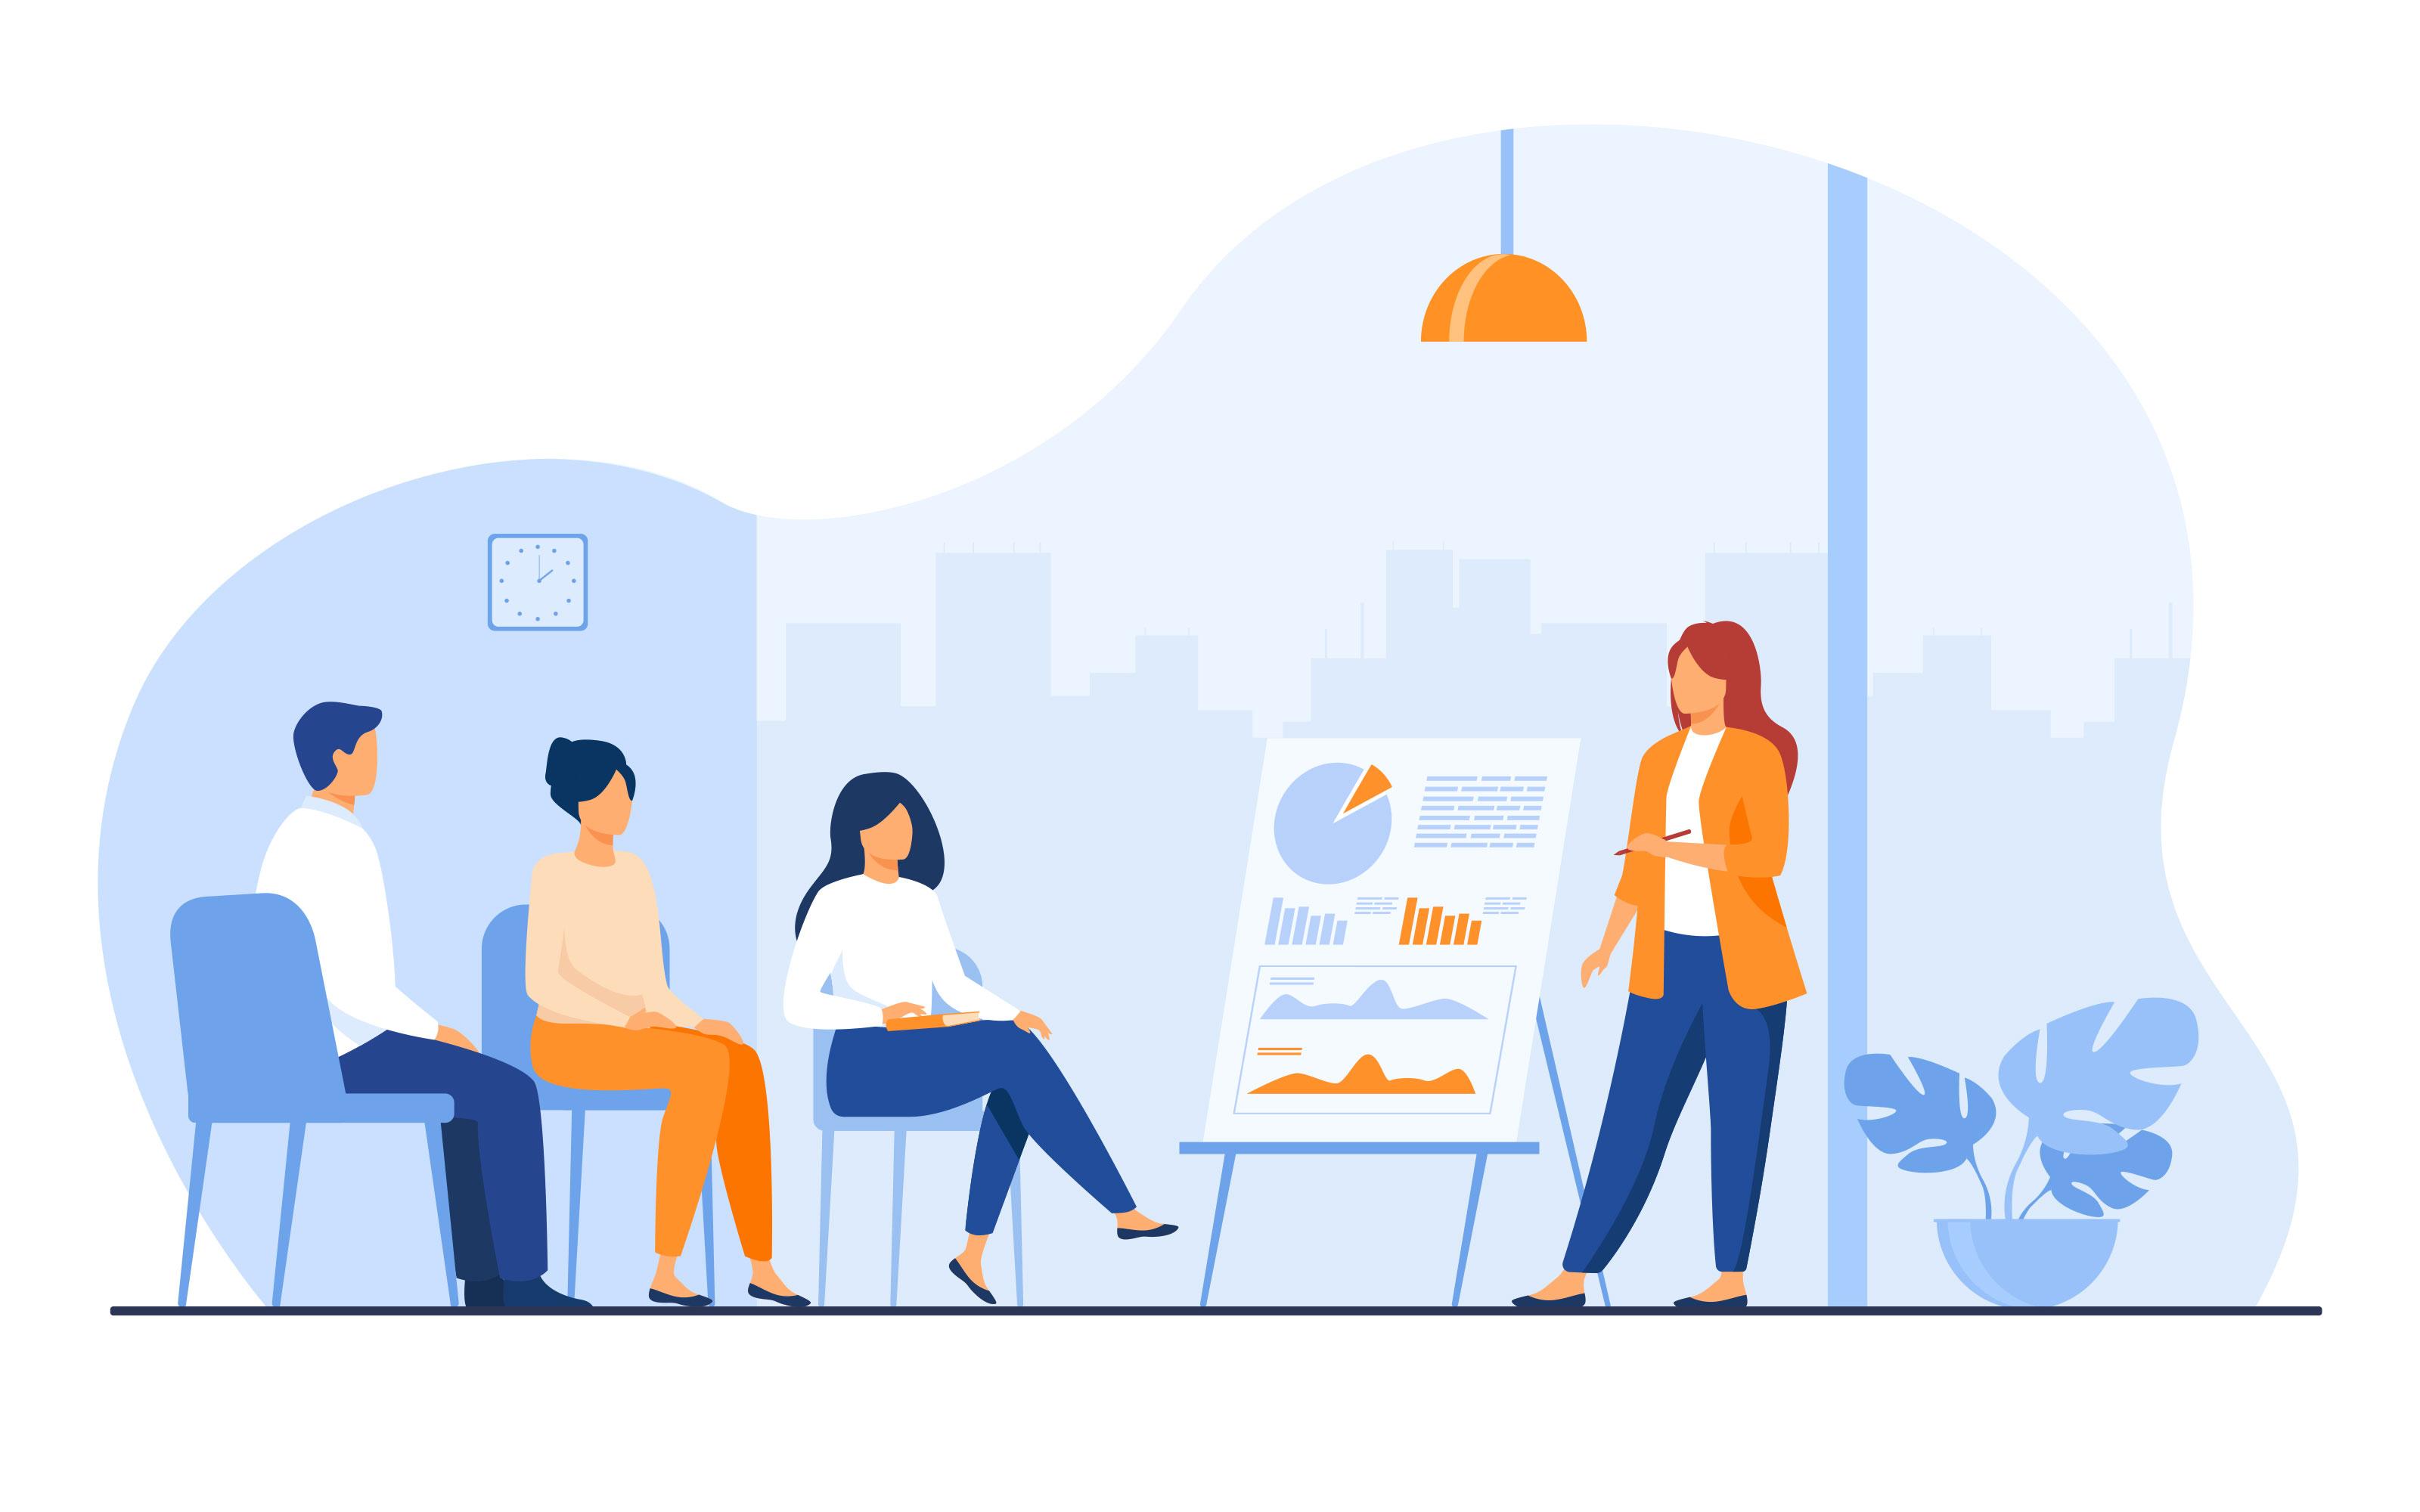 Branded Sales Strategies Meeting